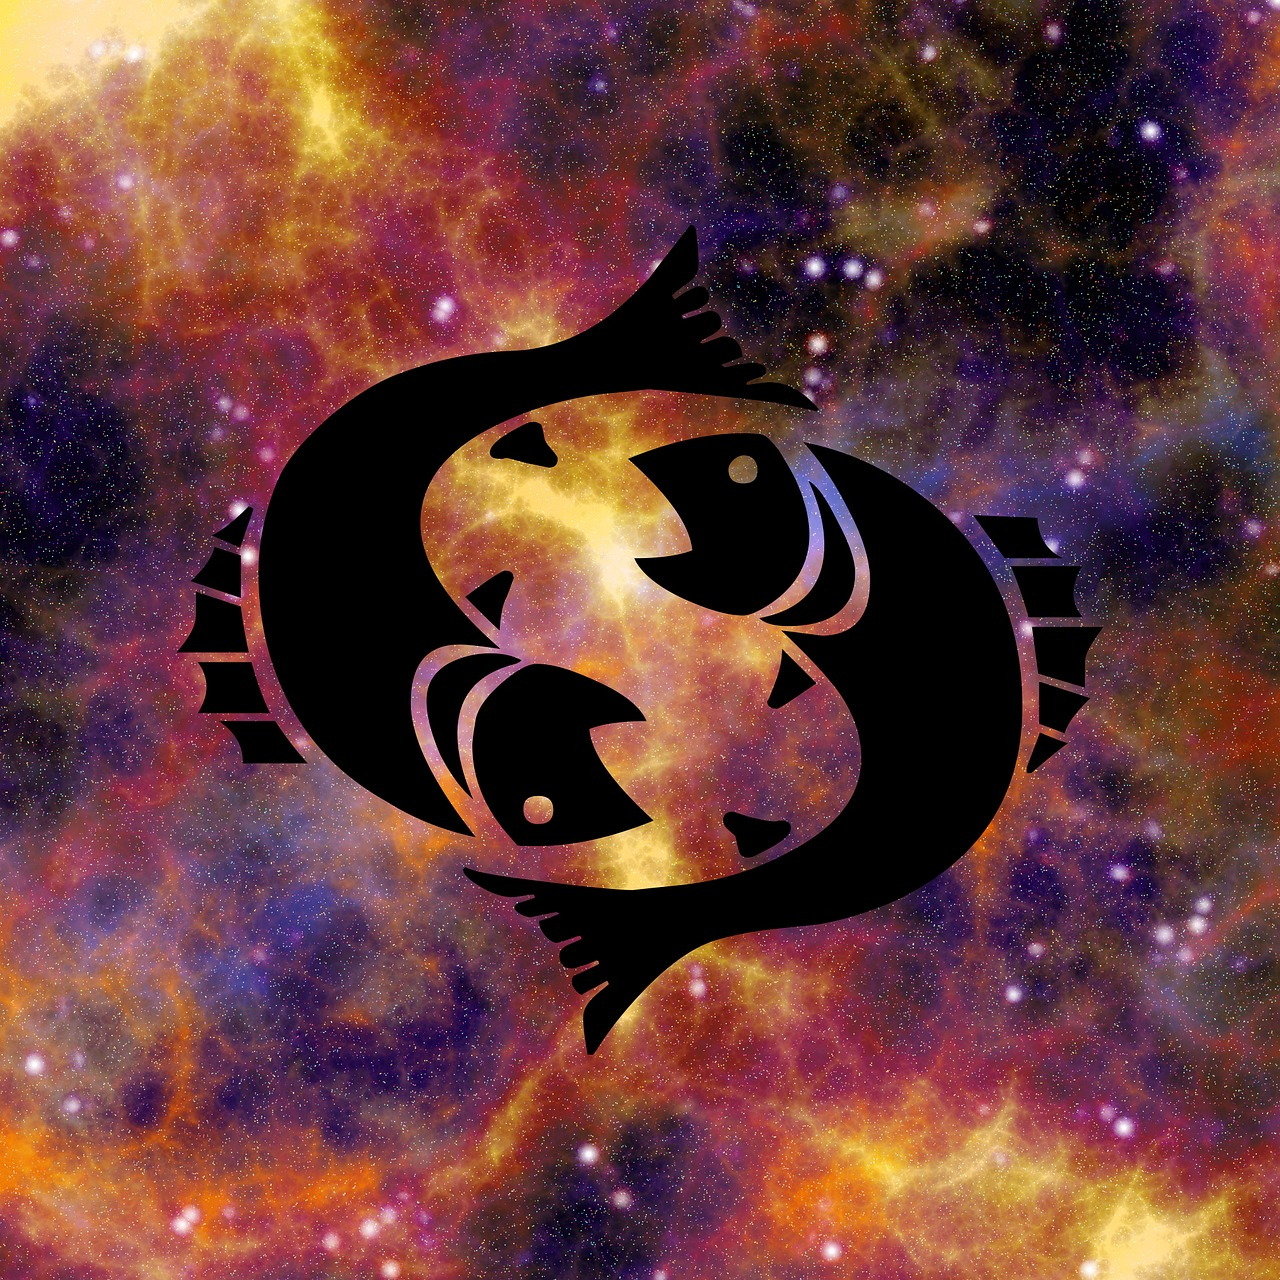 ramalan keuangan zodiak maret 2021 pisces